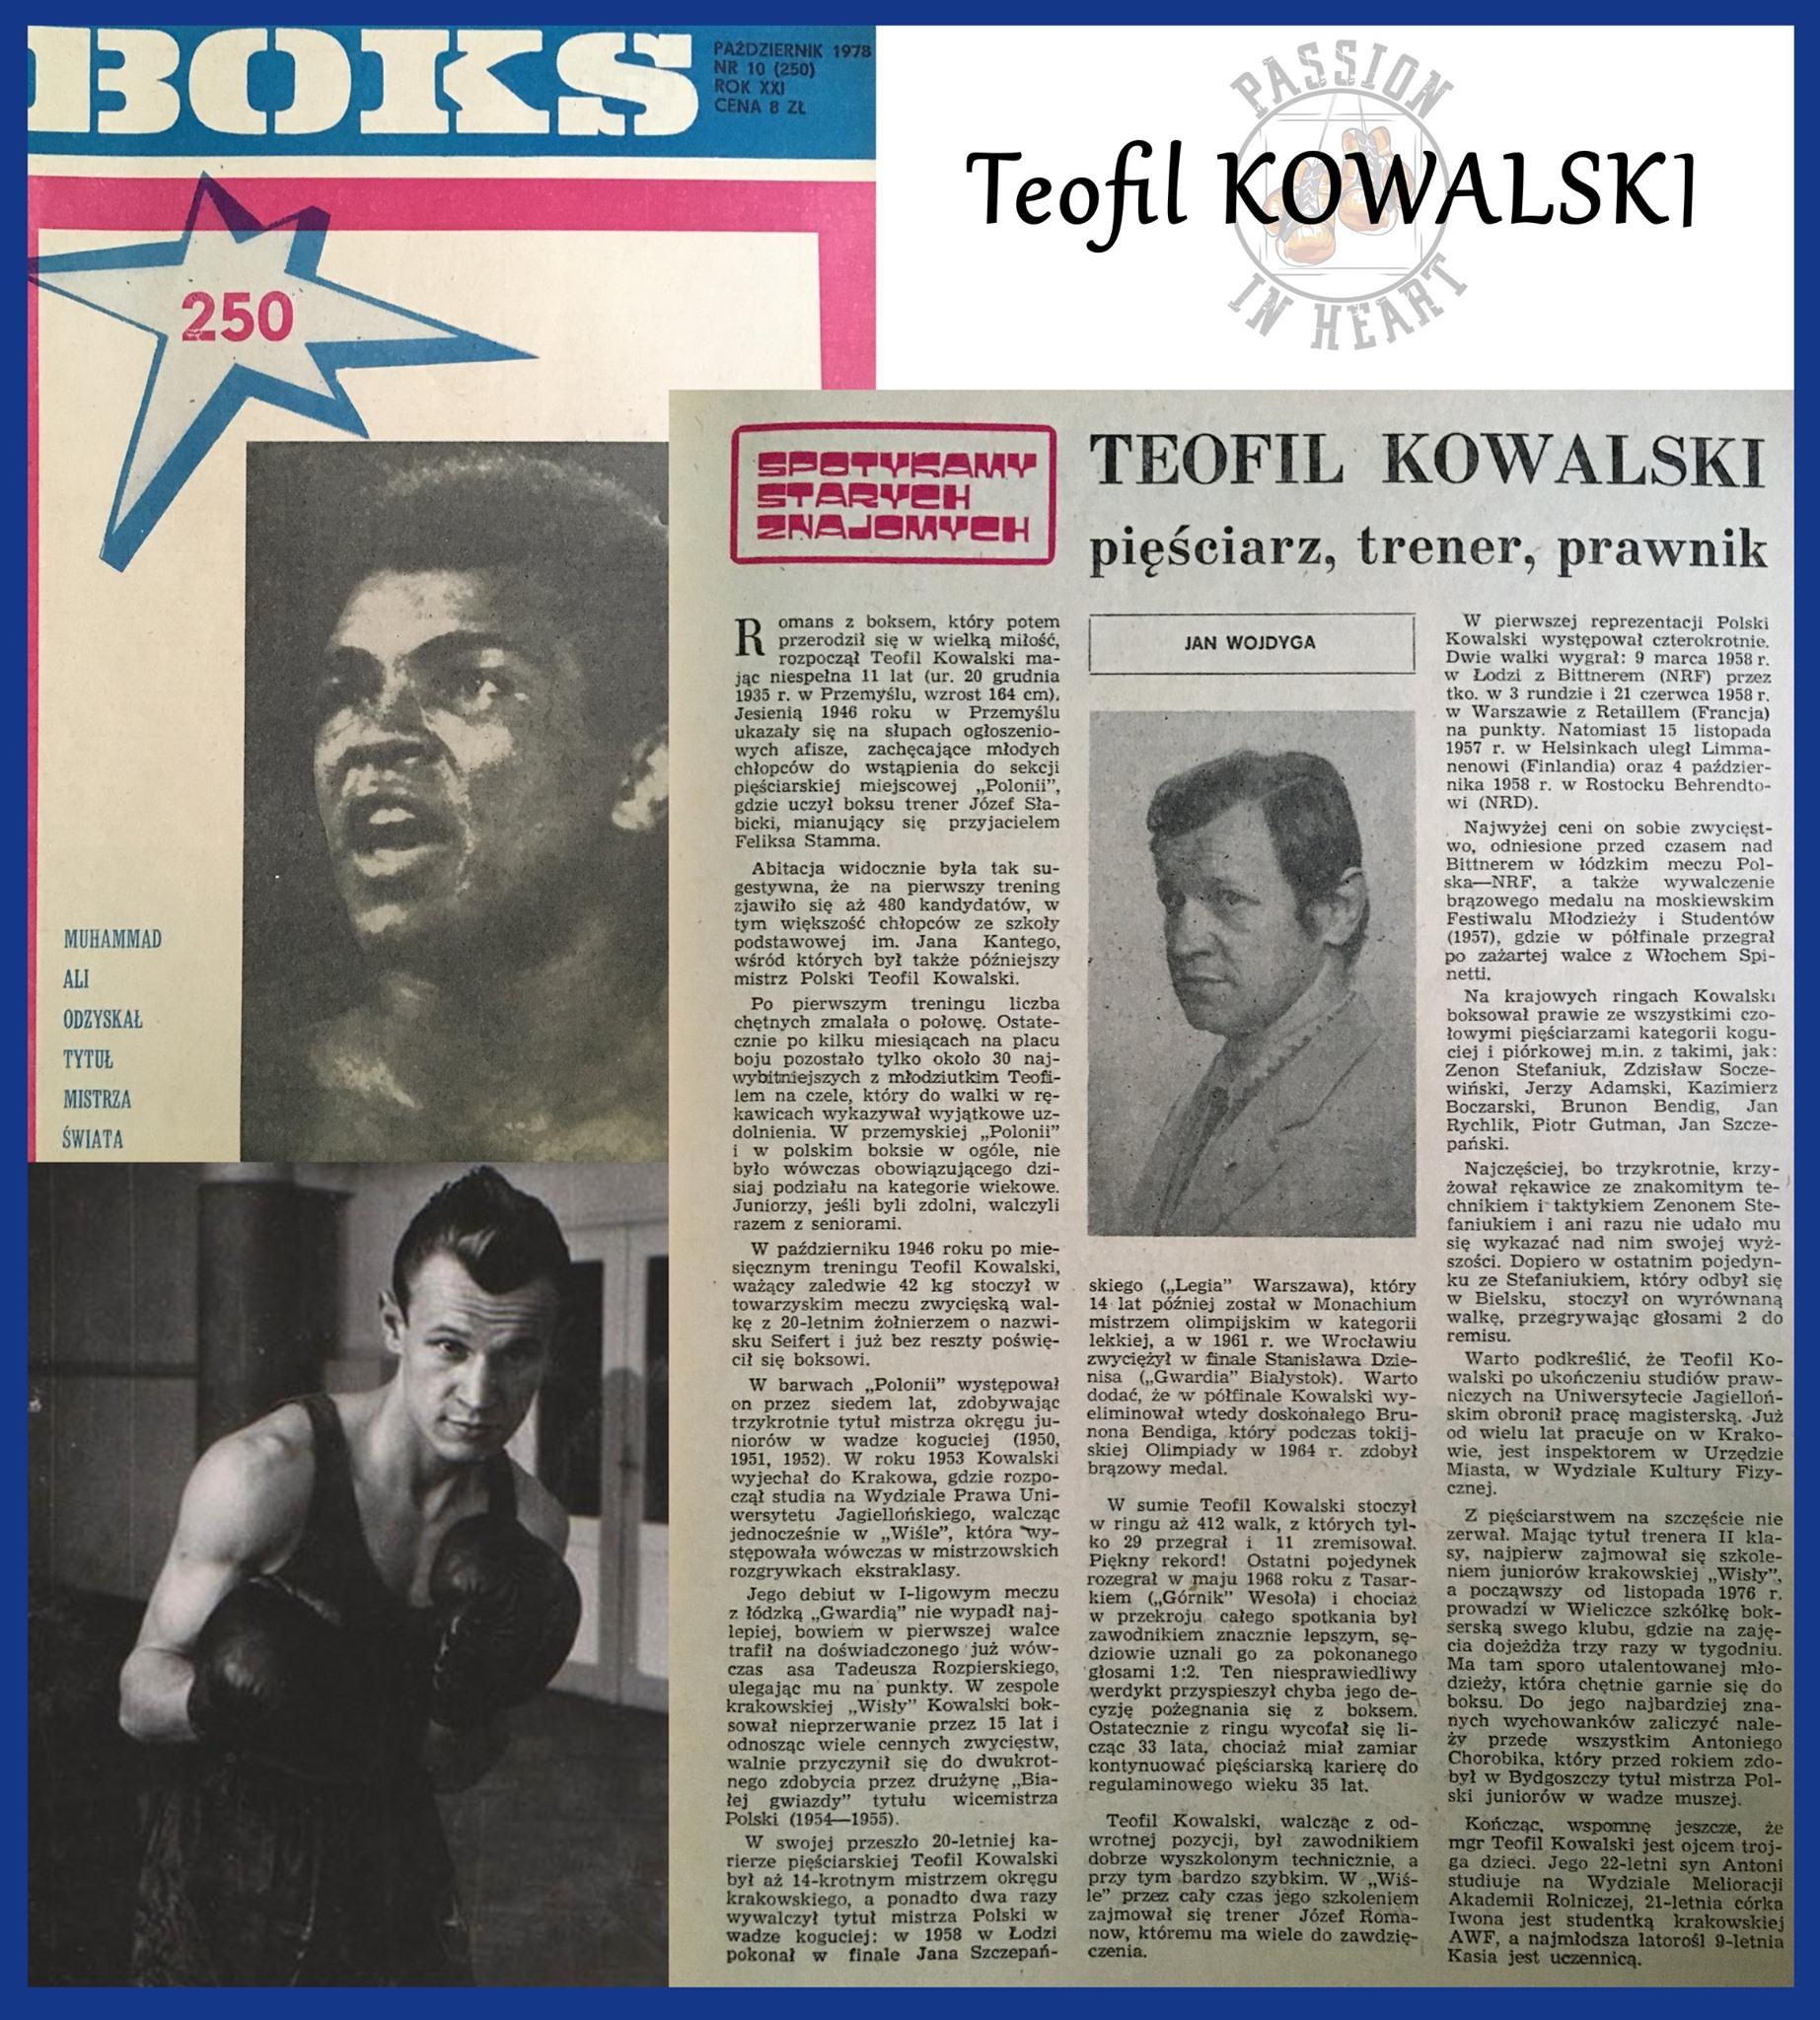 Teofil Kowalski by woro